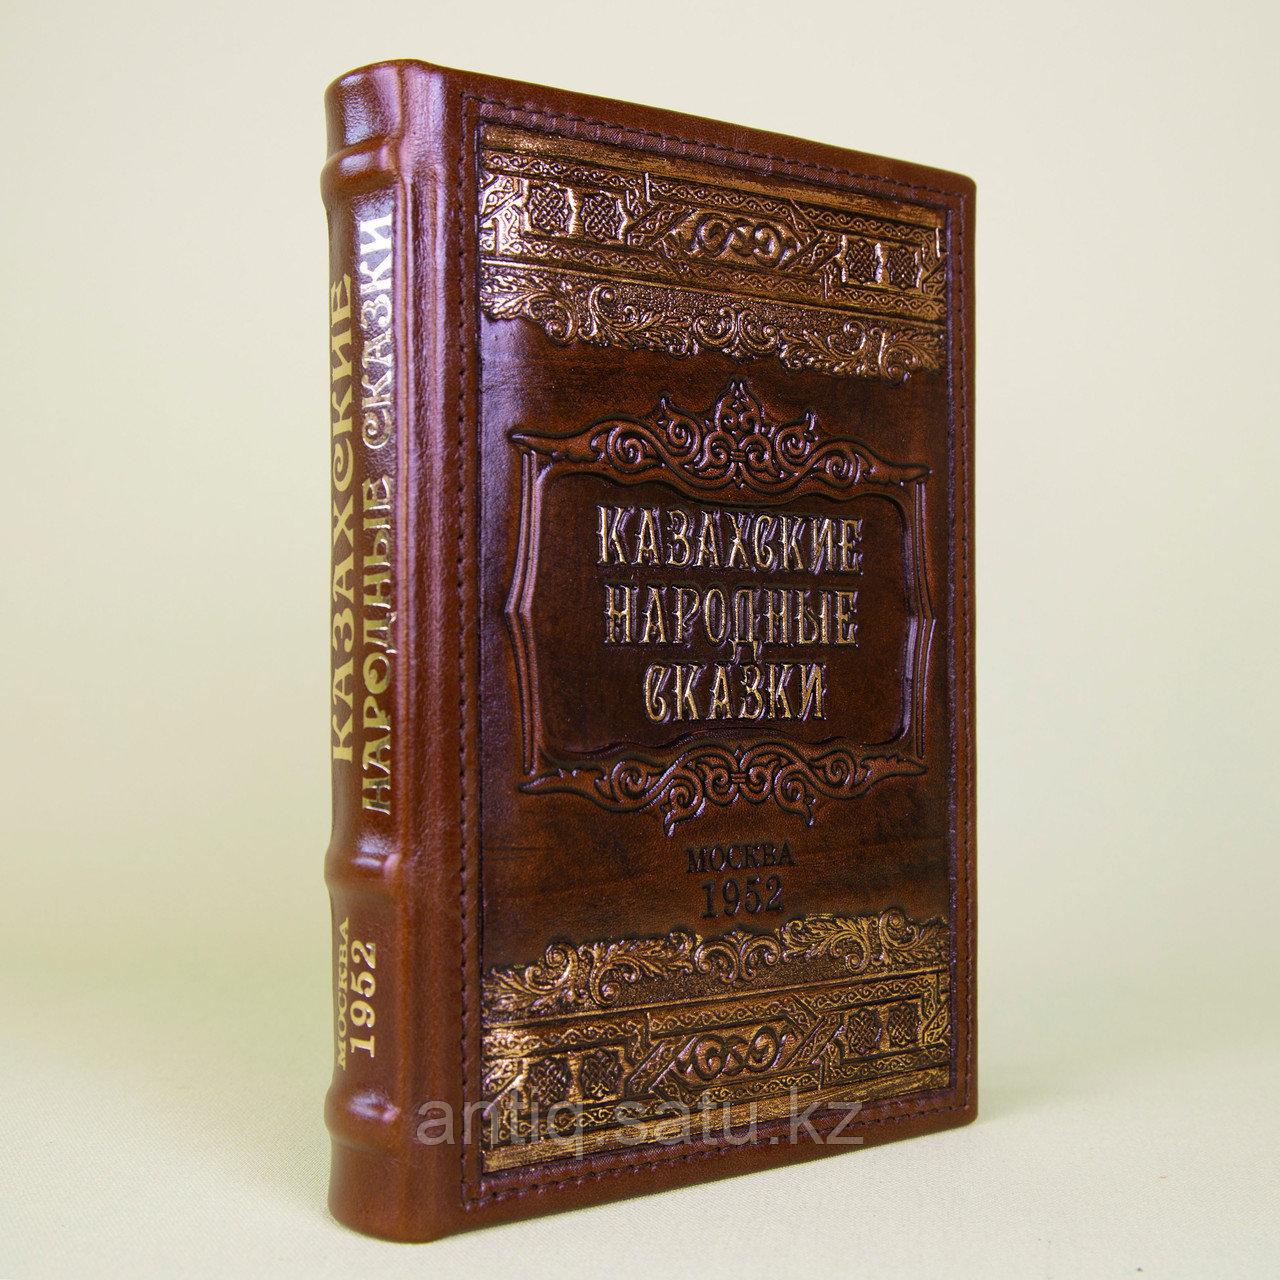 Казахские народные сказки. Перевод под редакцией М. Ауэзова и Н. Анова. Москва 1952 год - фото 2